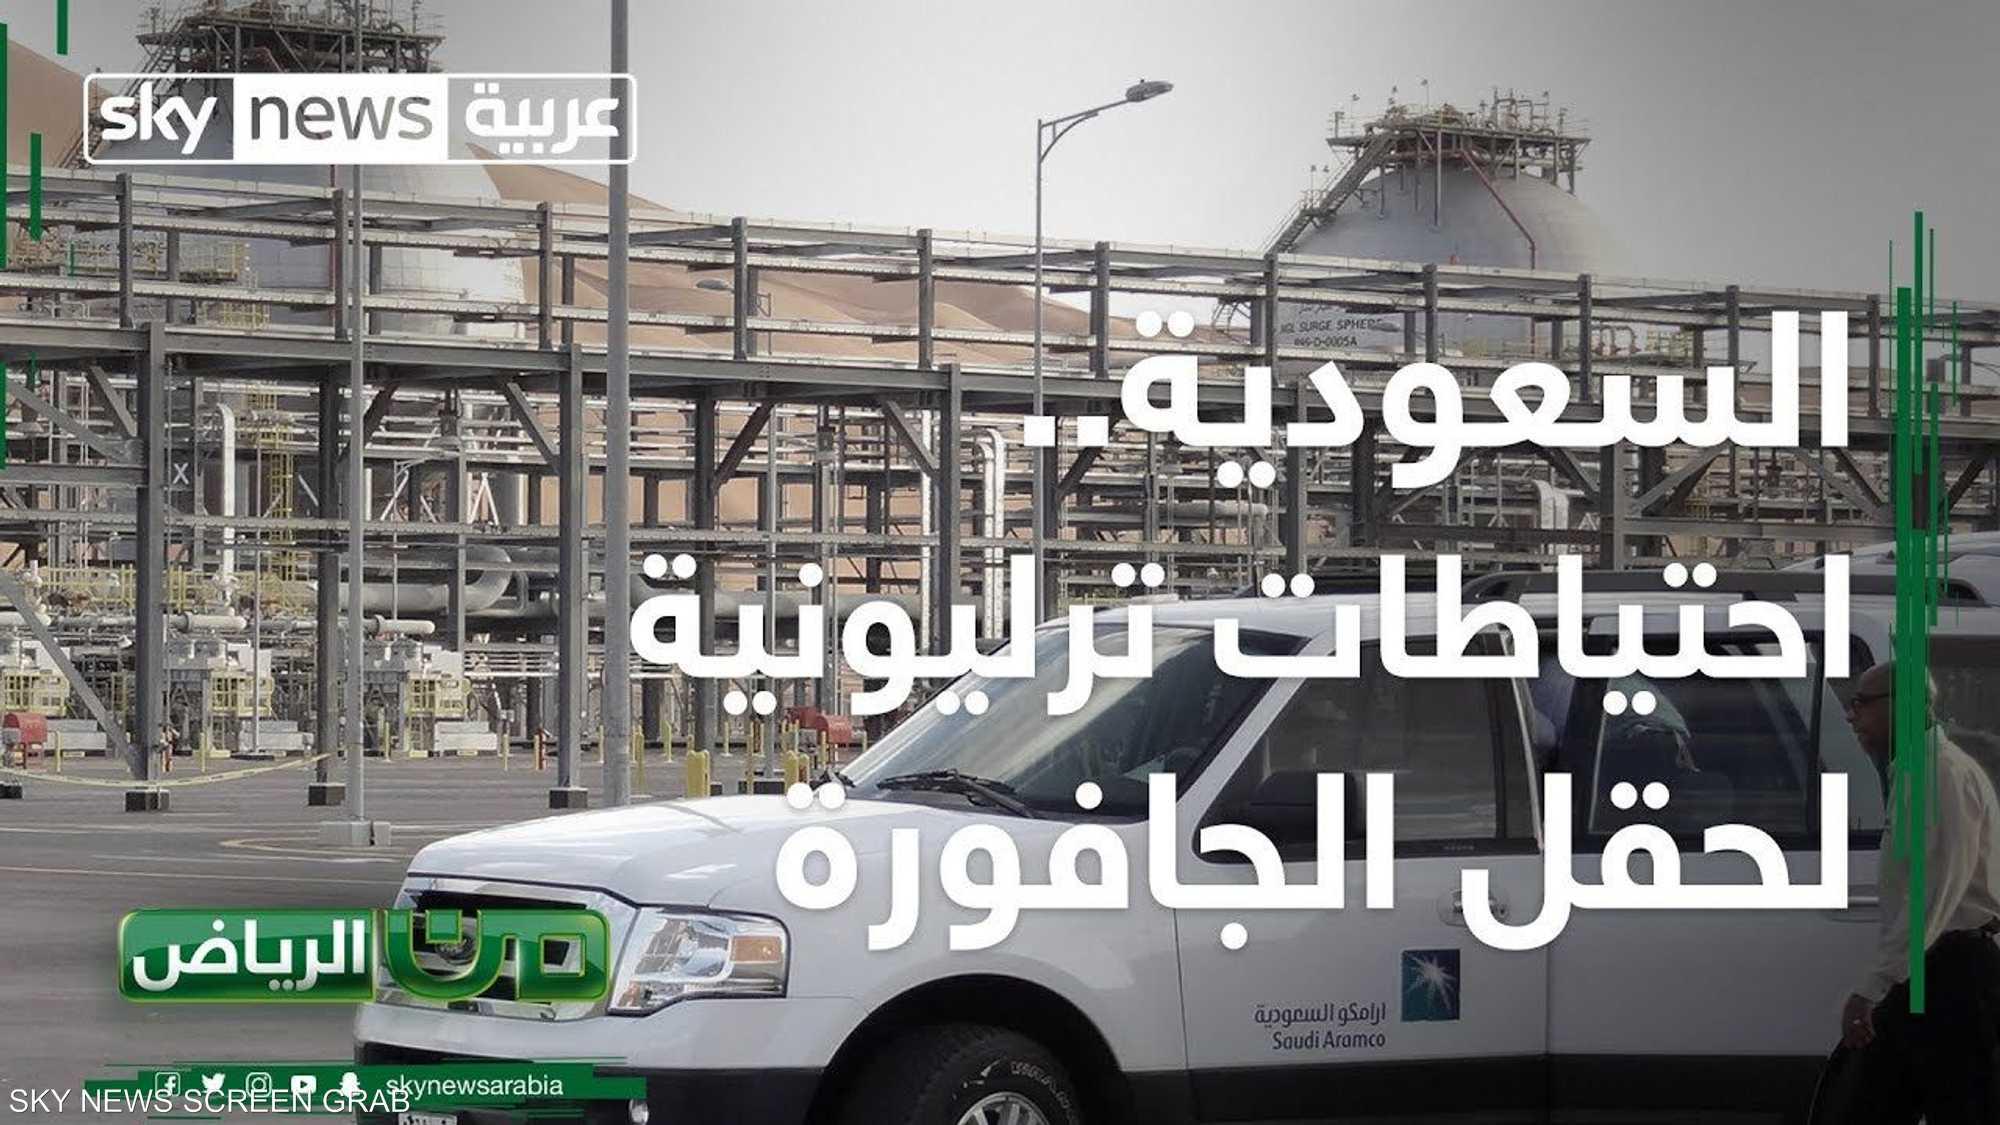 السعودية تدشن عصر الغاز بتطوير حقل الجافورة باحتياطات ترليون